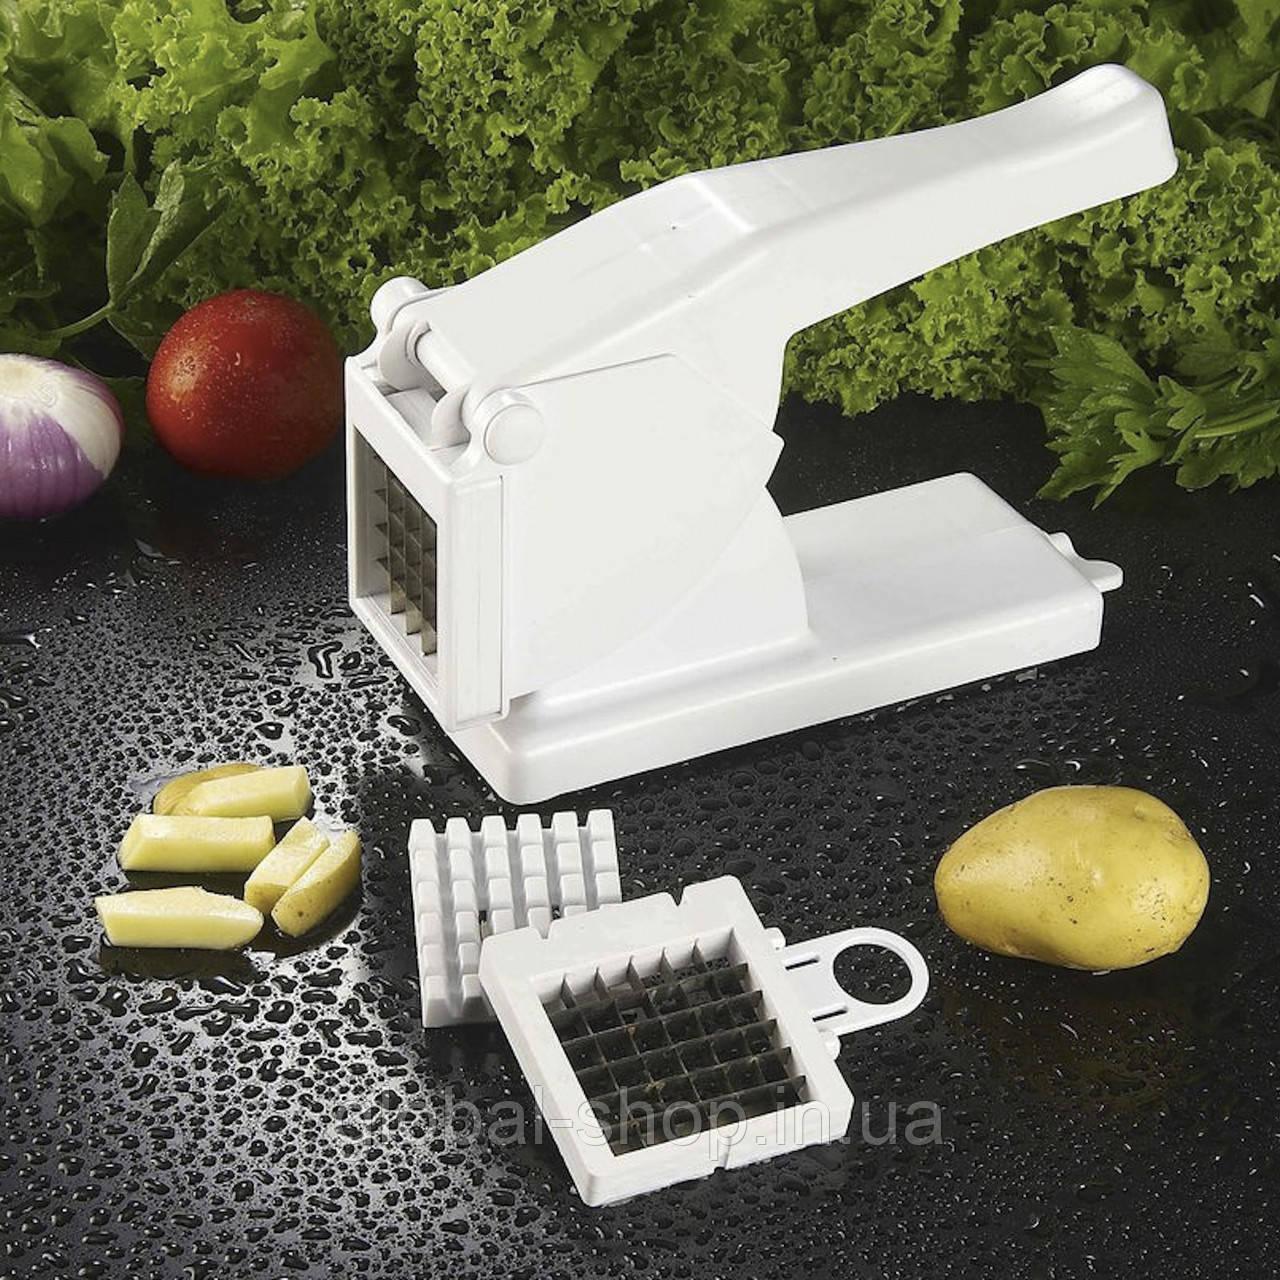 Машинка для нарезки картофеля фри, измельчитель овощей Картофелерезка Potato Chipper